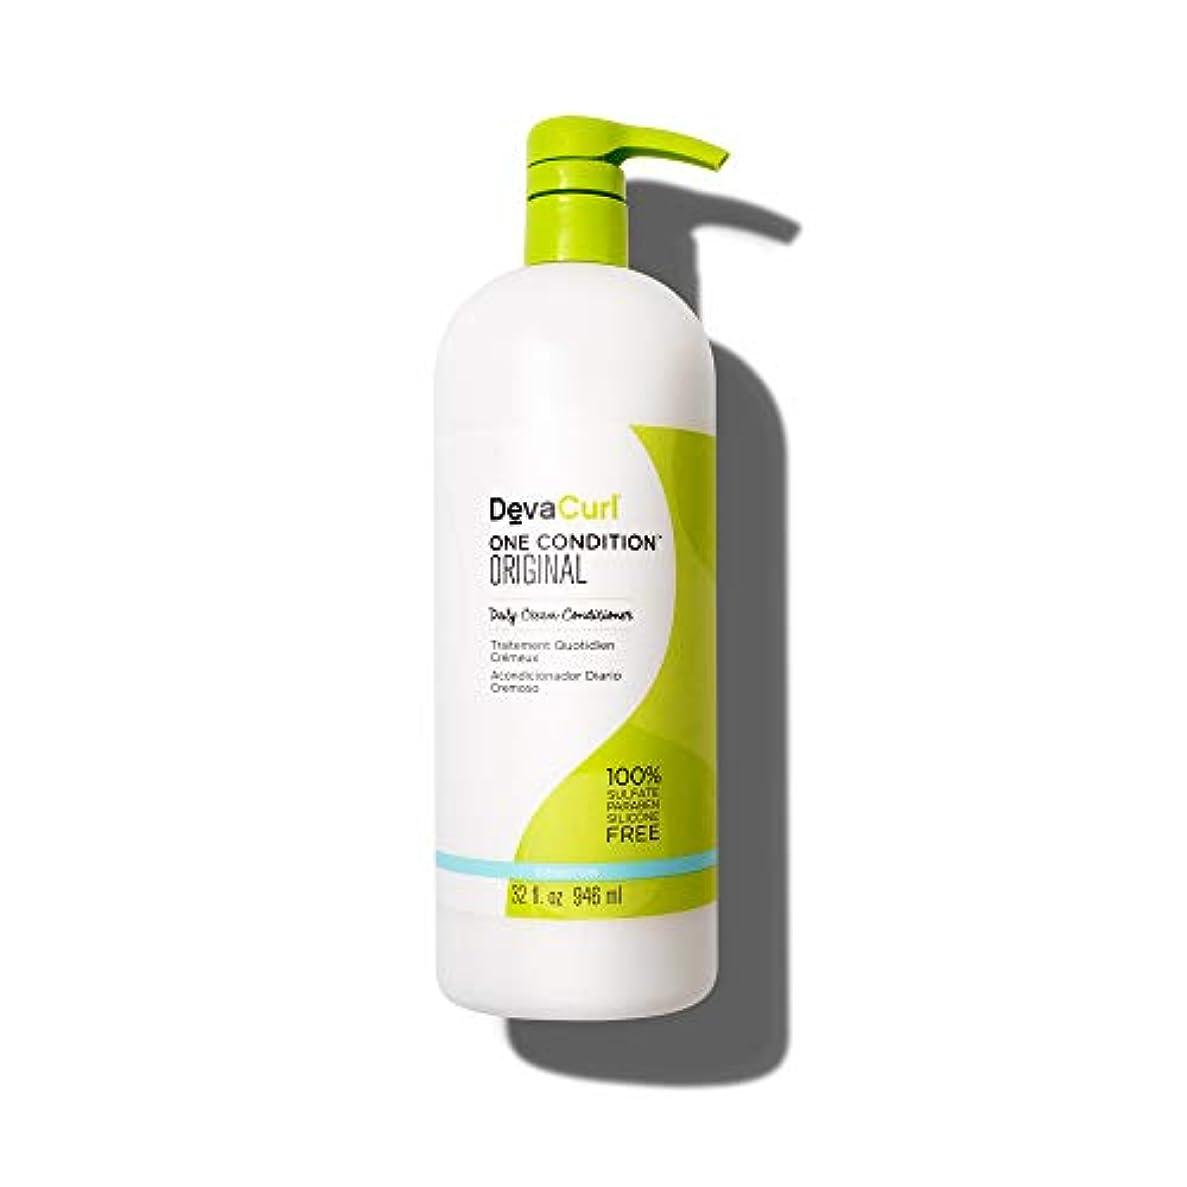 味付けセイはさておき量デヴァ One Condition Original (Daily Cream Conditioner - For Curly Hair) 946ml/32oz並行輸入品